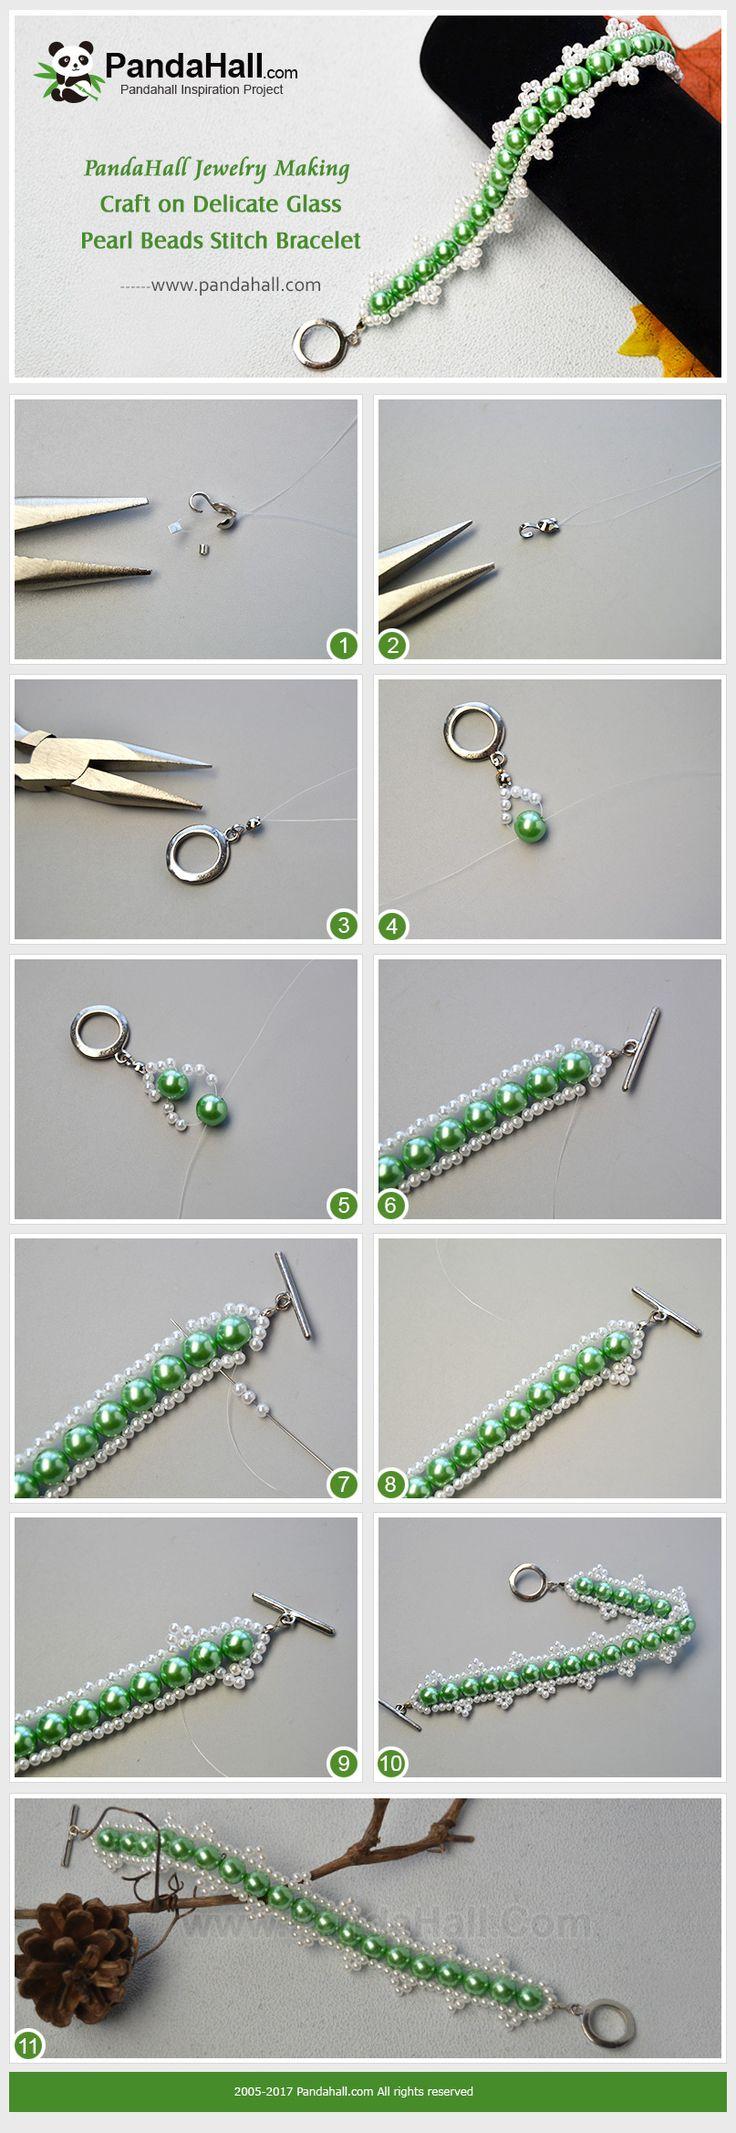 Pulsera de perlas de cristal delicada con cuentas de perlas Las cuentas de perlas de vidrio son los materiales más comunes en la fabricación de joyas. Hoy compartiremos con usted cómo hacer una delicada pulsera de perlas de vidrio con puntadas de perlas.